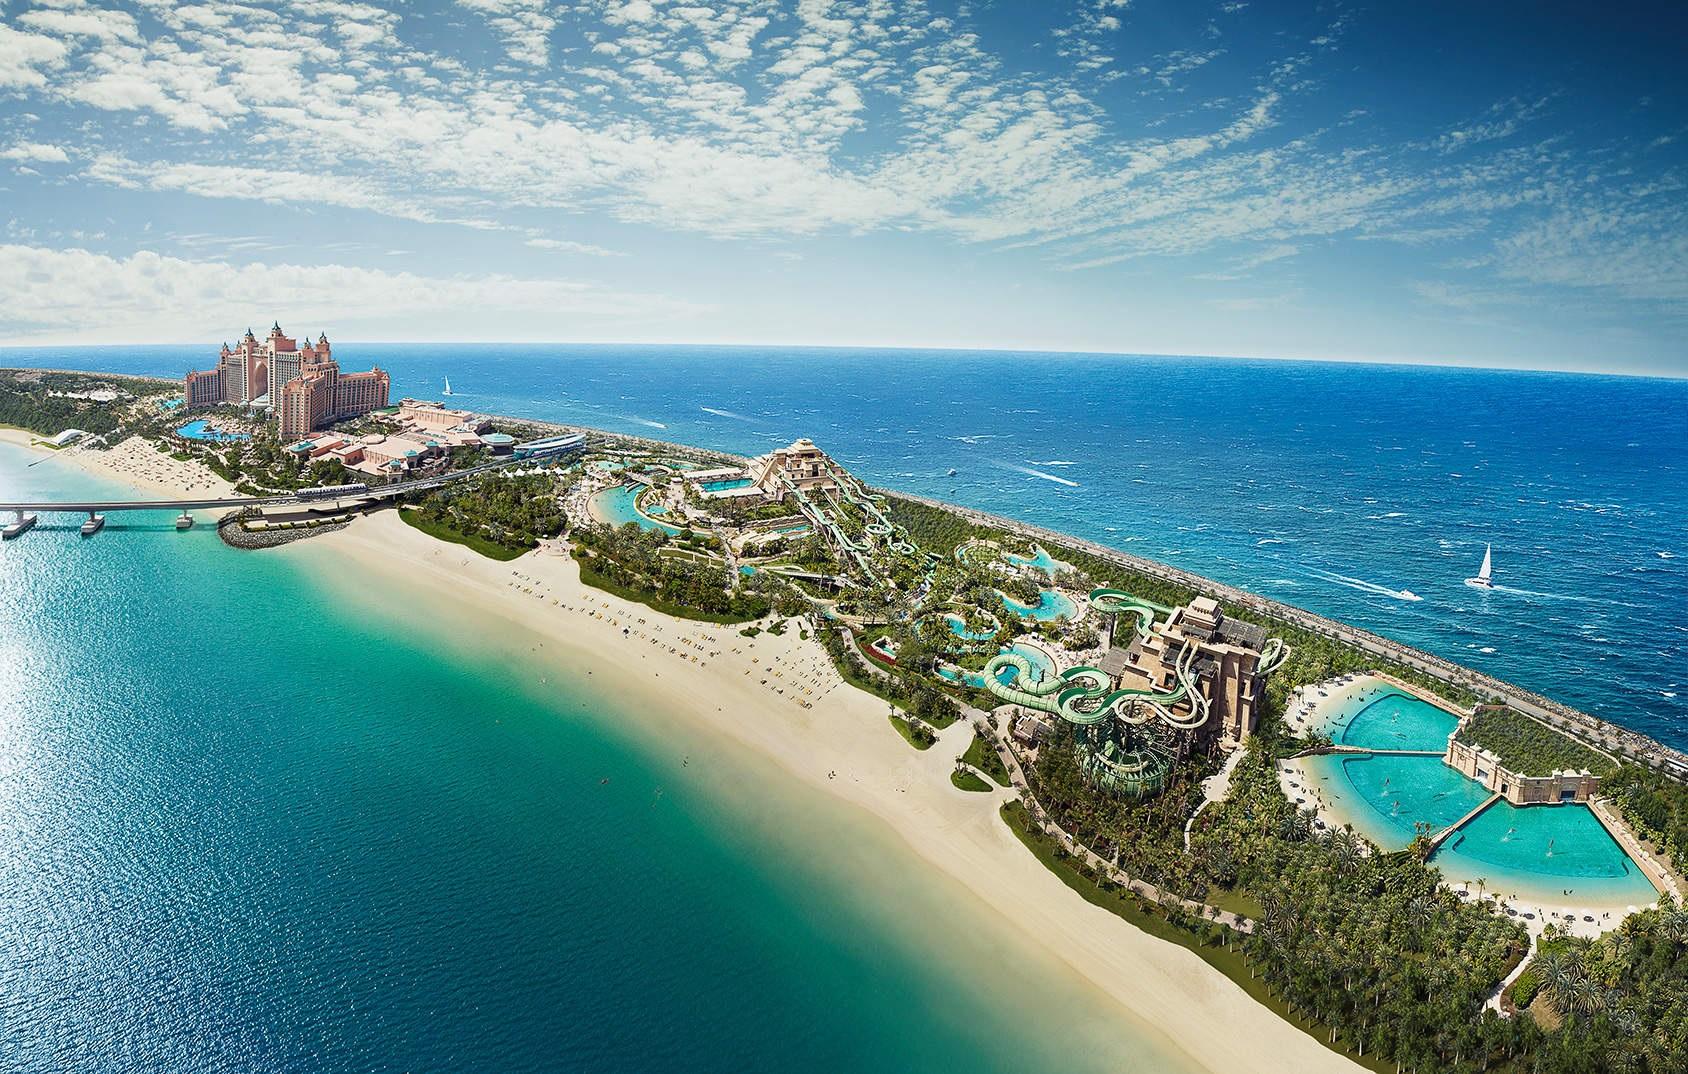 """Развлечения для всей семьи в """"Atlantis The Palm"""", Дубаи"""